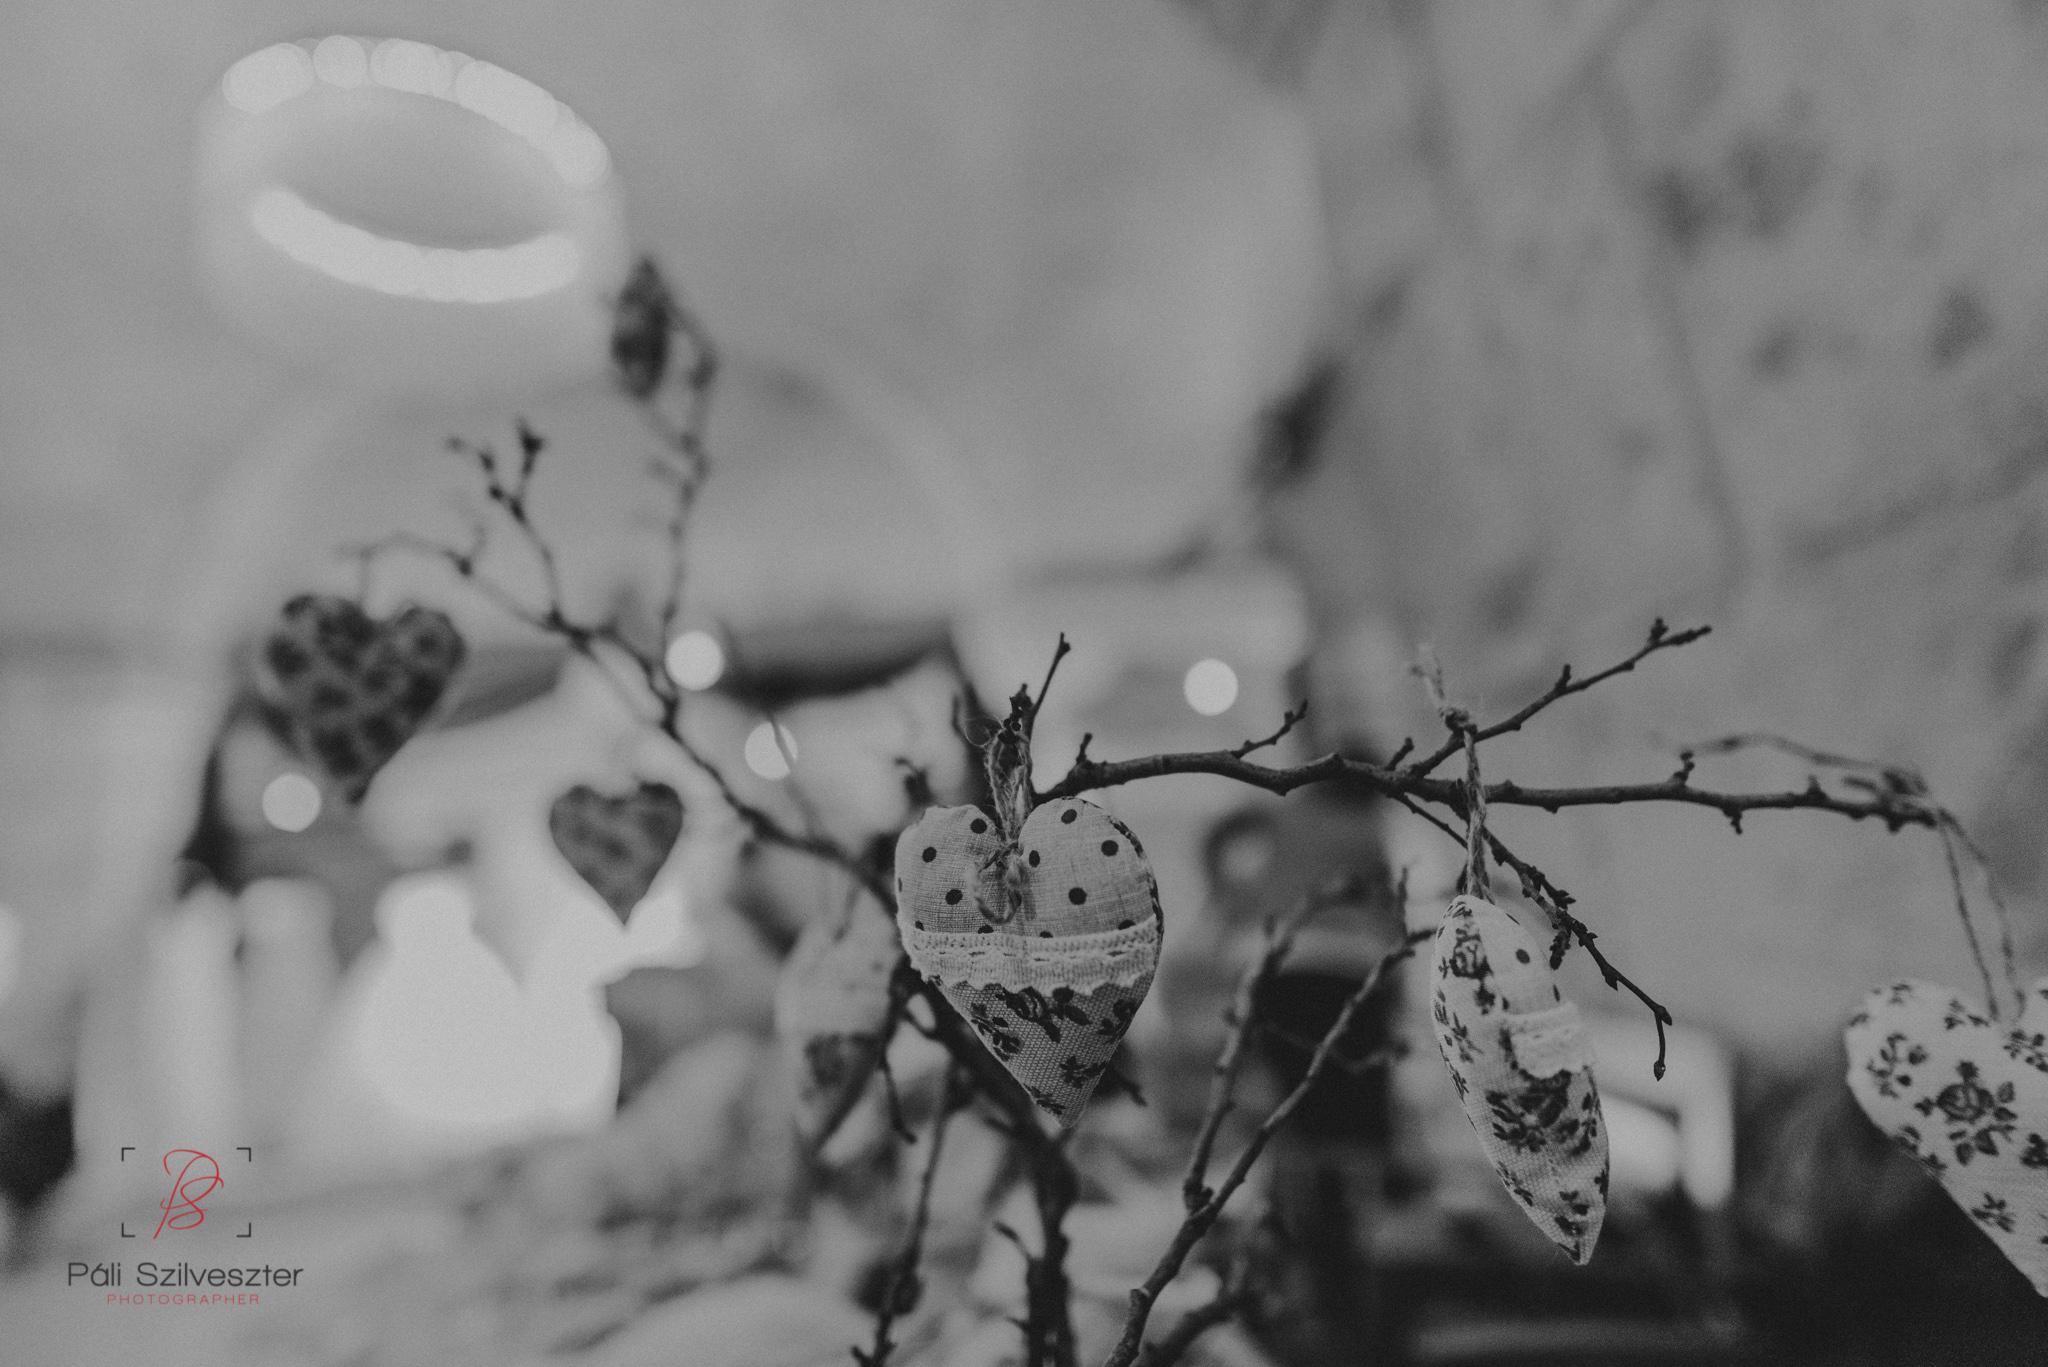 Páli-Szilveszter-székesfehérvári-esküvői-fotós-esztergom-prímás-pince-esüvőkiállítás-2016-01-23-70470.jpg